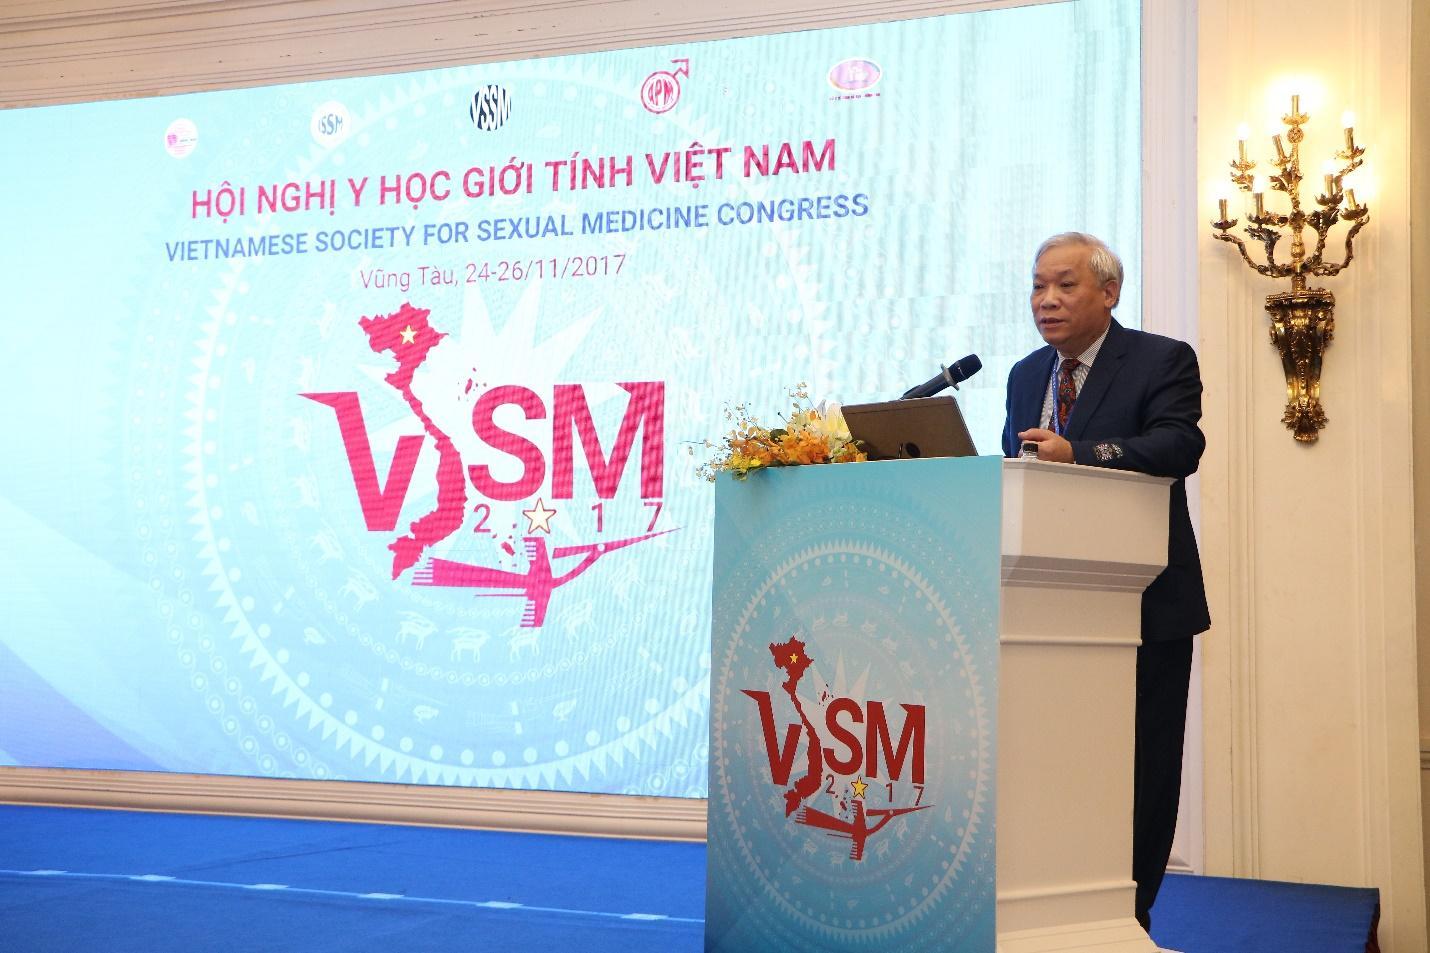 Phòng khám đa khoa 52 Nguyễn Trãi - Bác sĩ Nguyễn Phương Hồng  - Ảnh 2